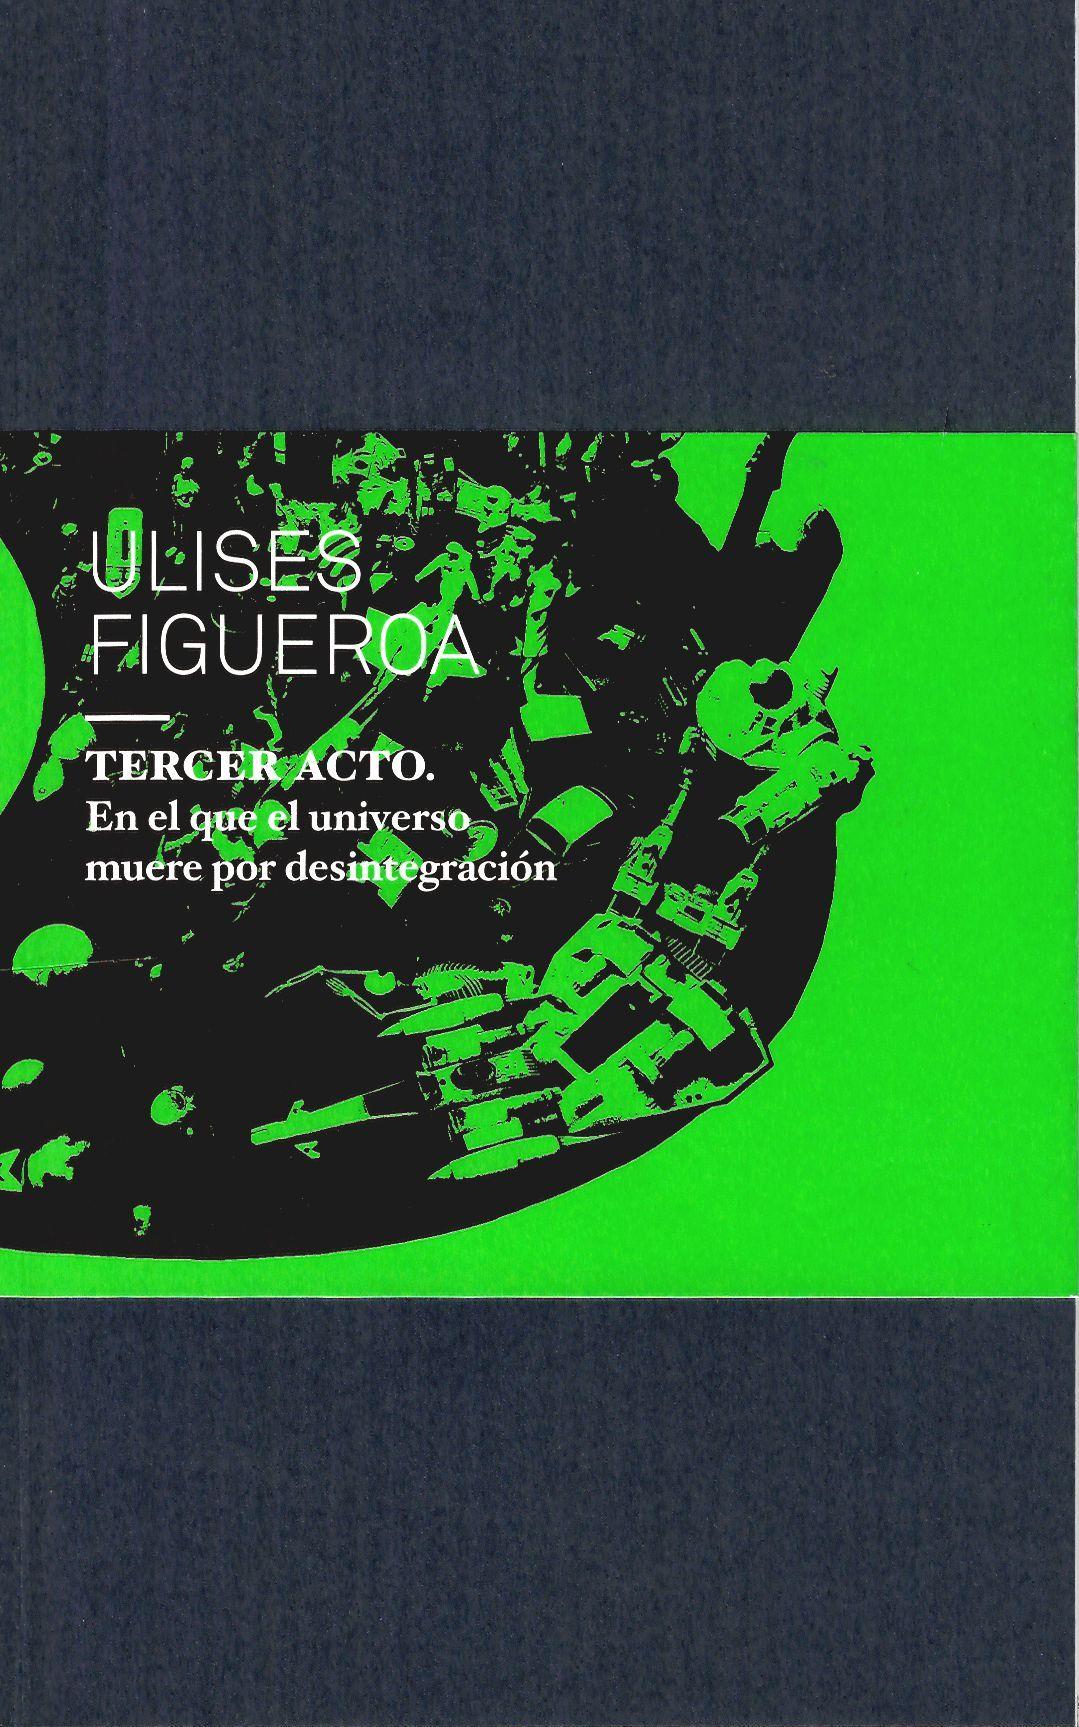 Ulises Figueroa, Tercer acto. En el que el universo muere por desintegración